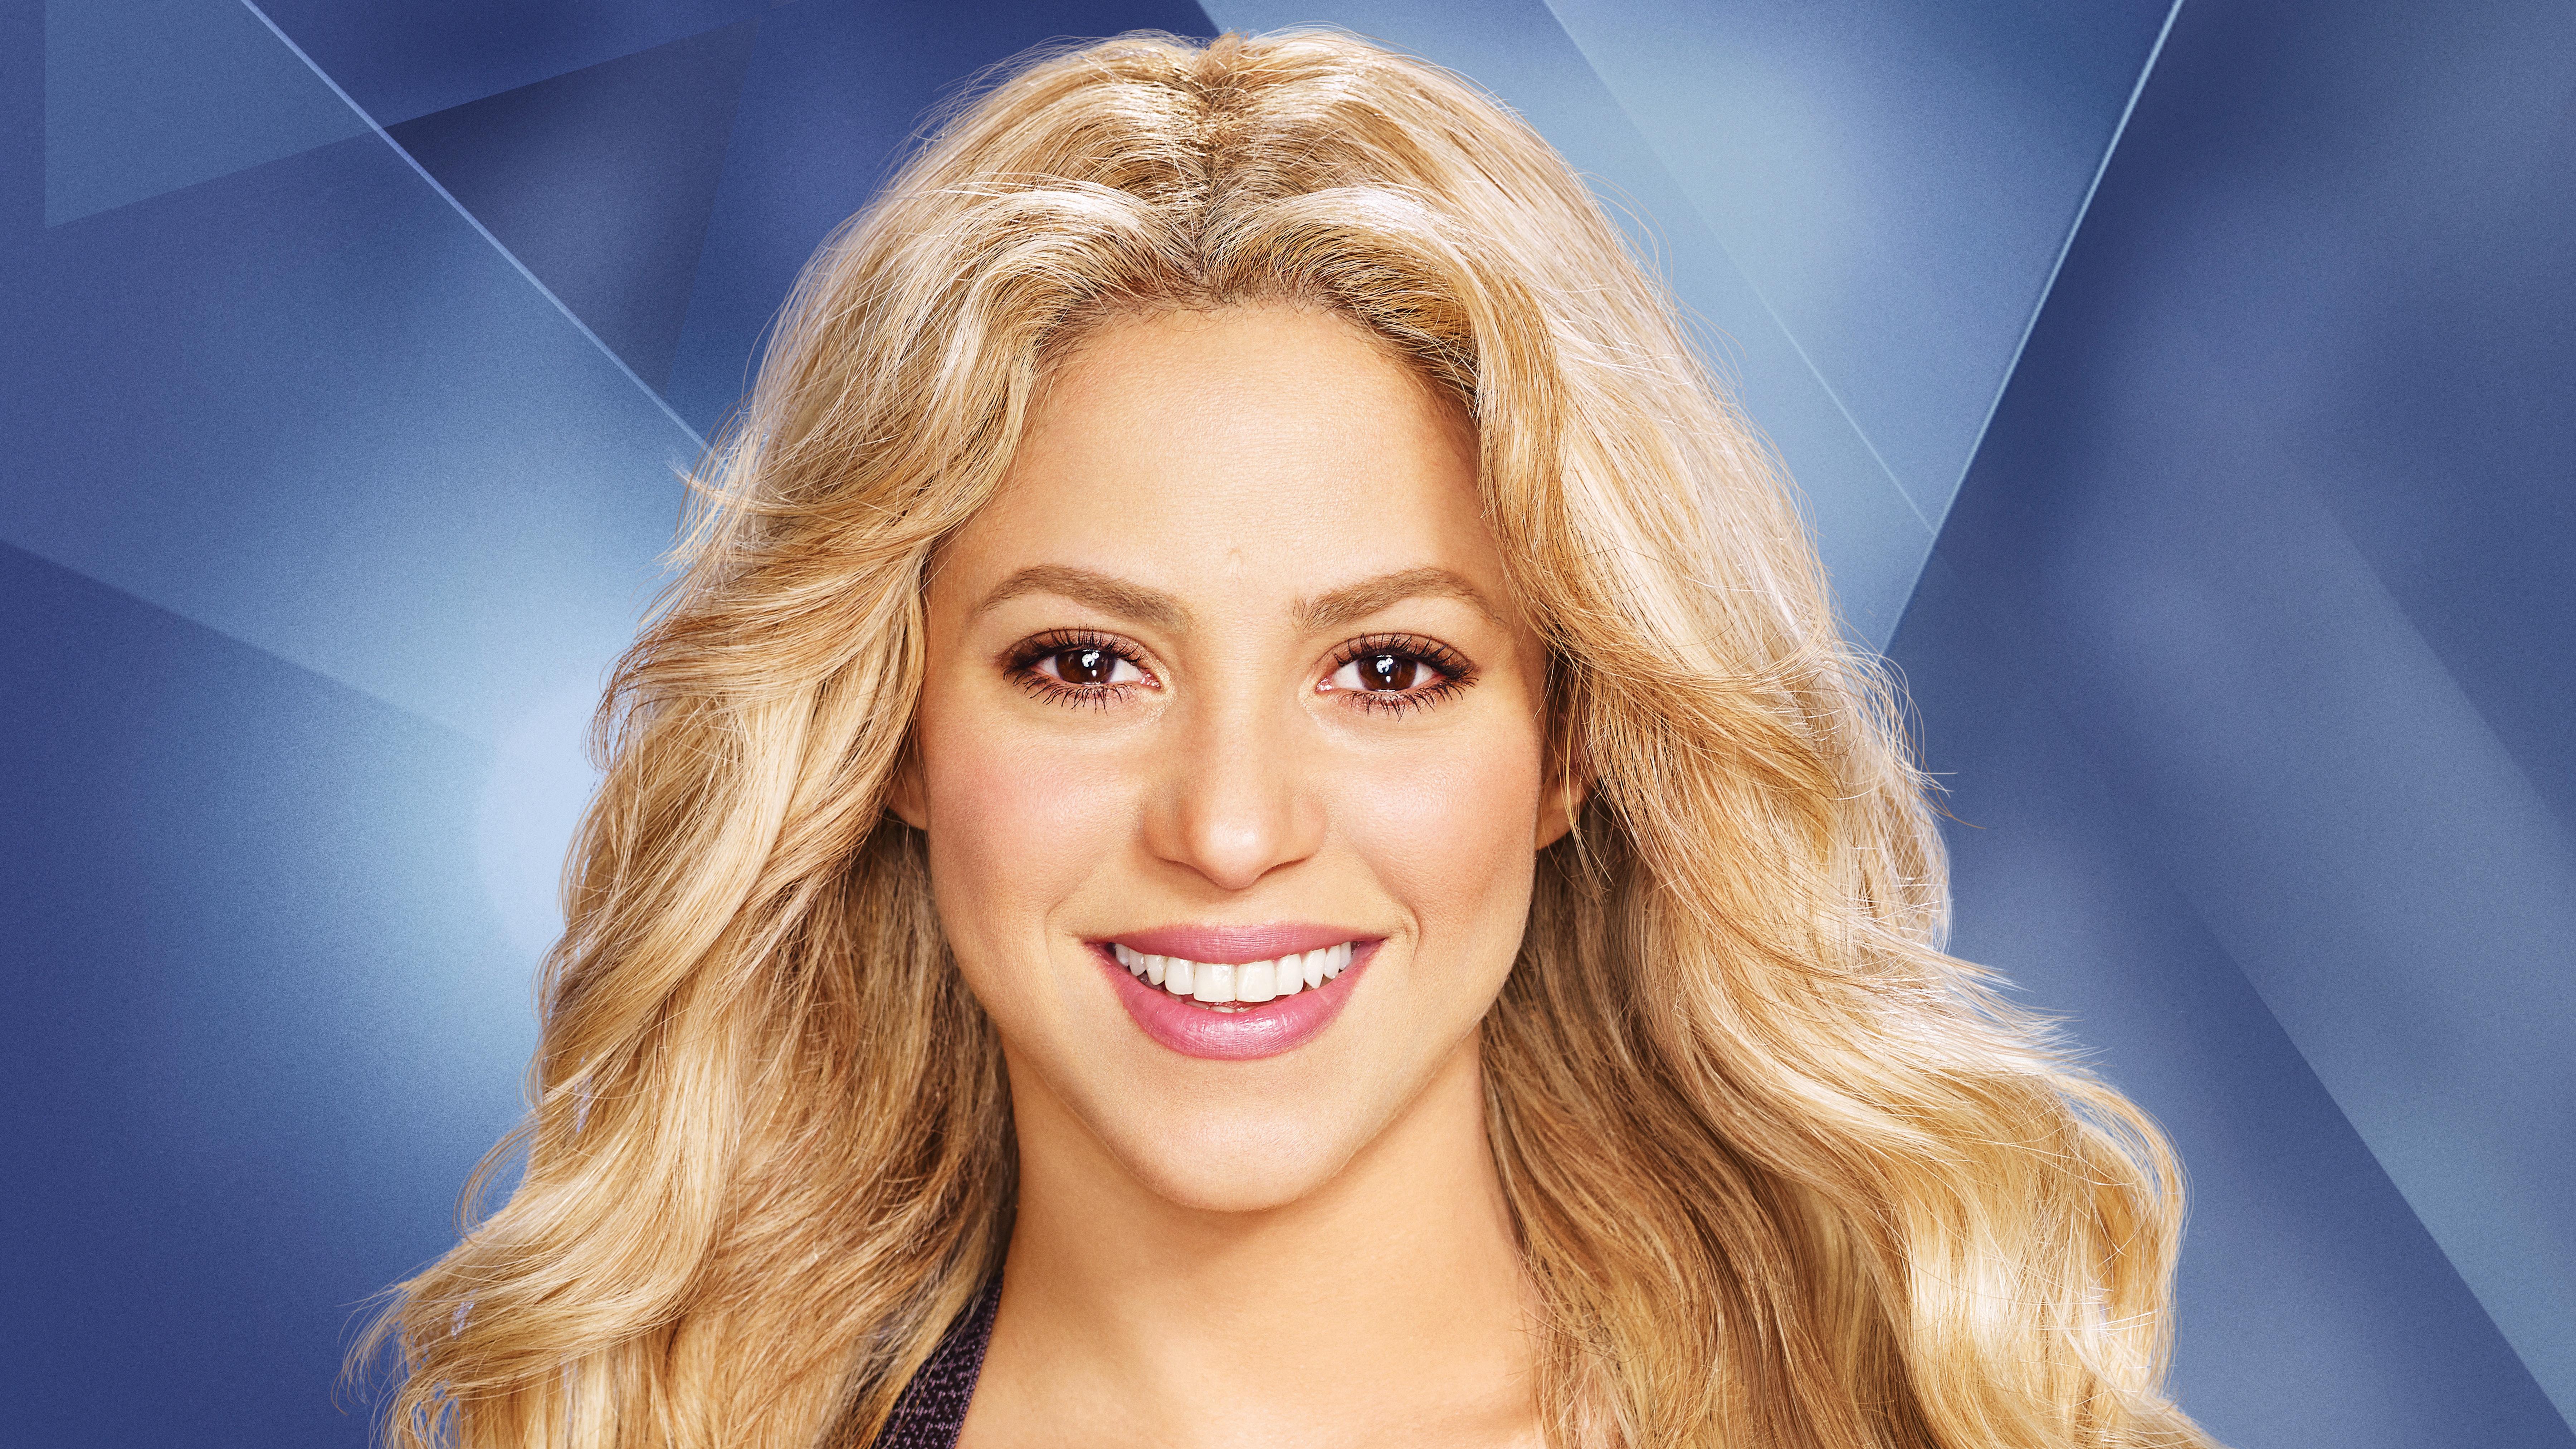 Обои Шакира, знаменитость, волосы, лицо, блондин в разрешении 2560x1440